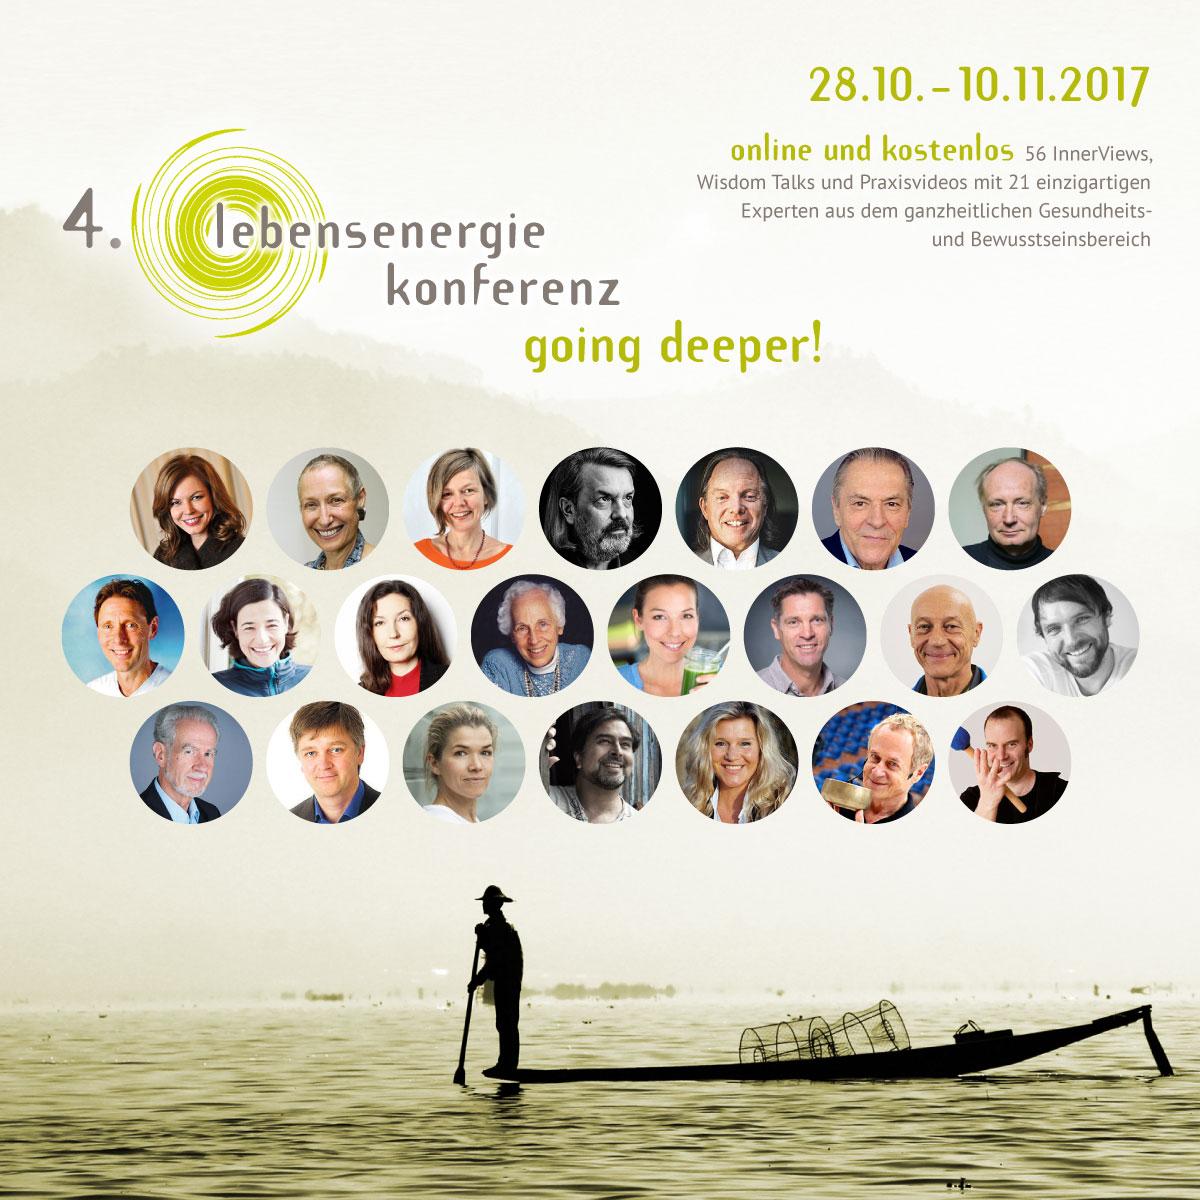 Lebensenergie-Konferenz 28.10. bis 10.11.2017